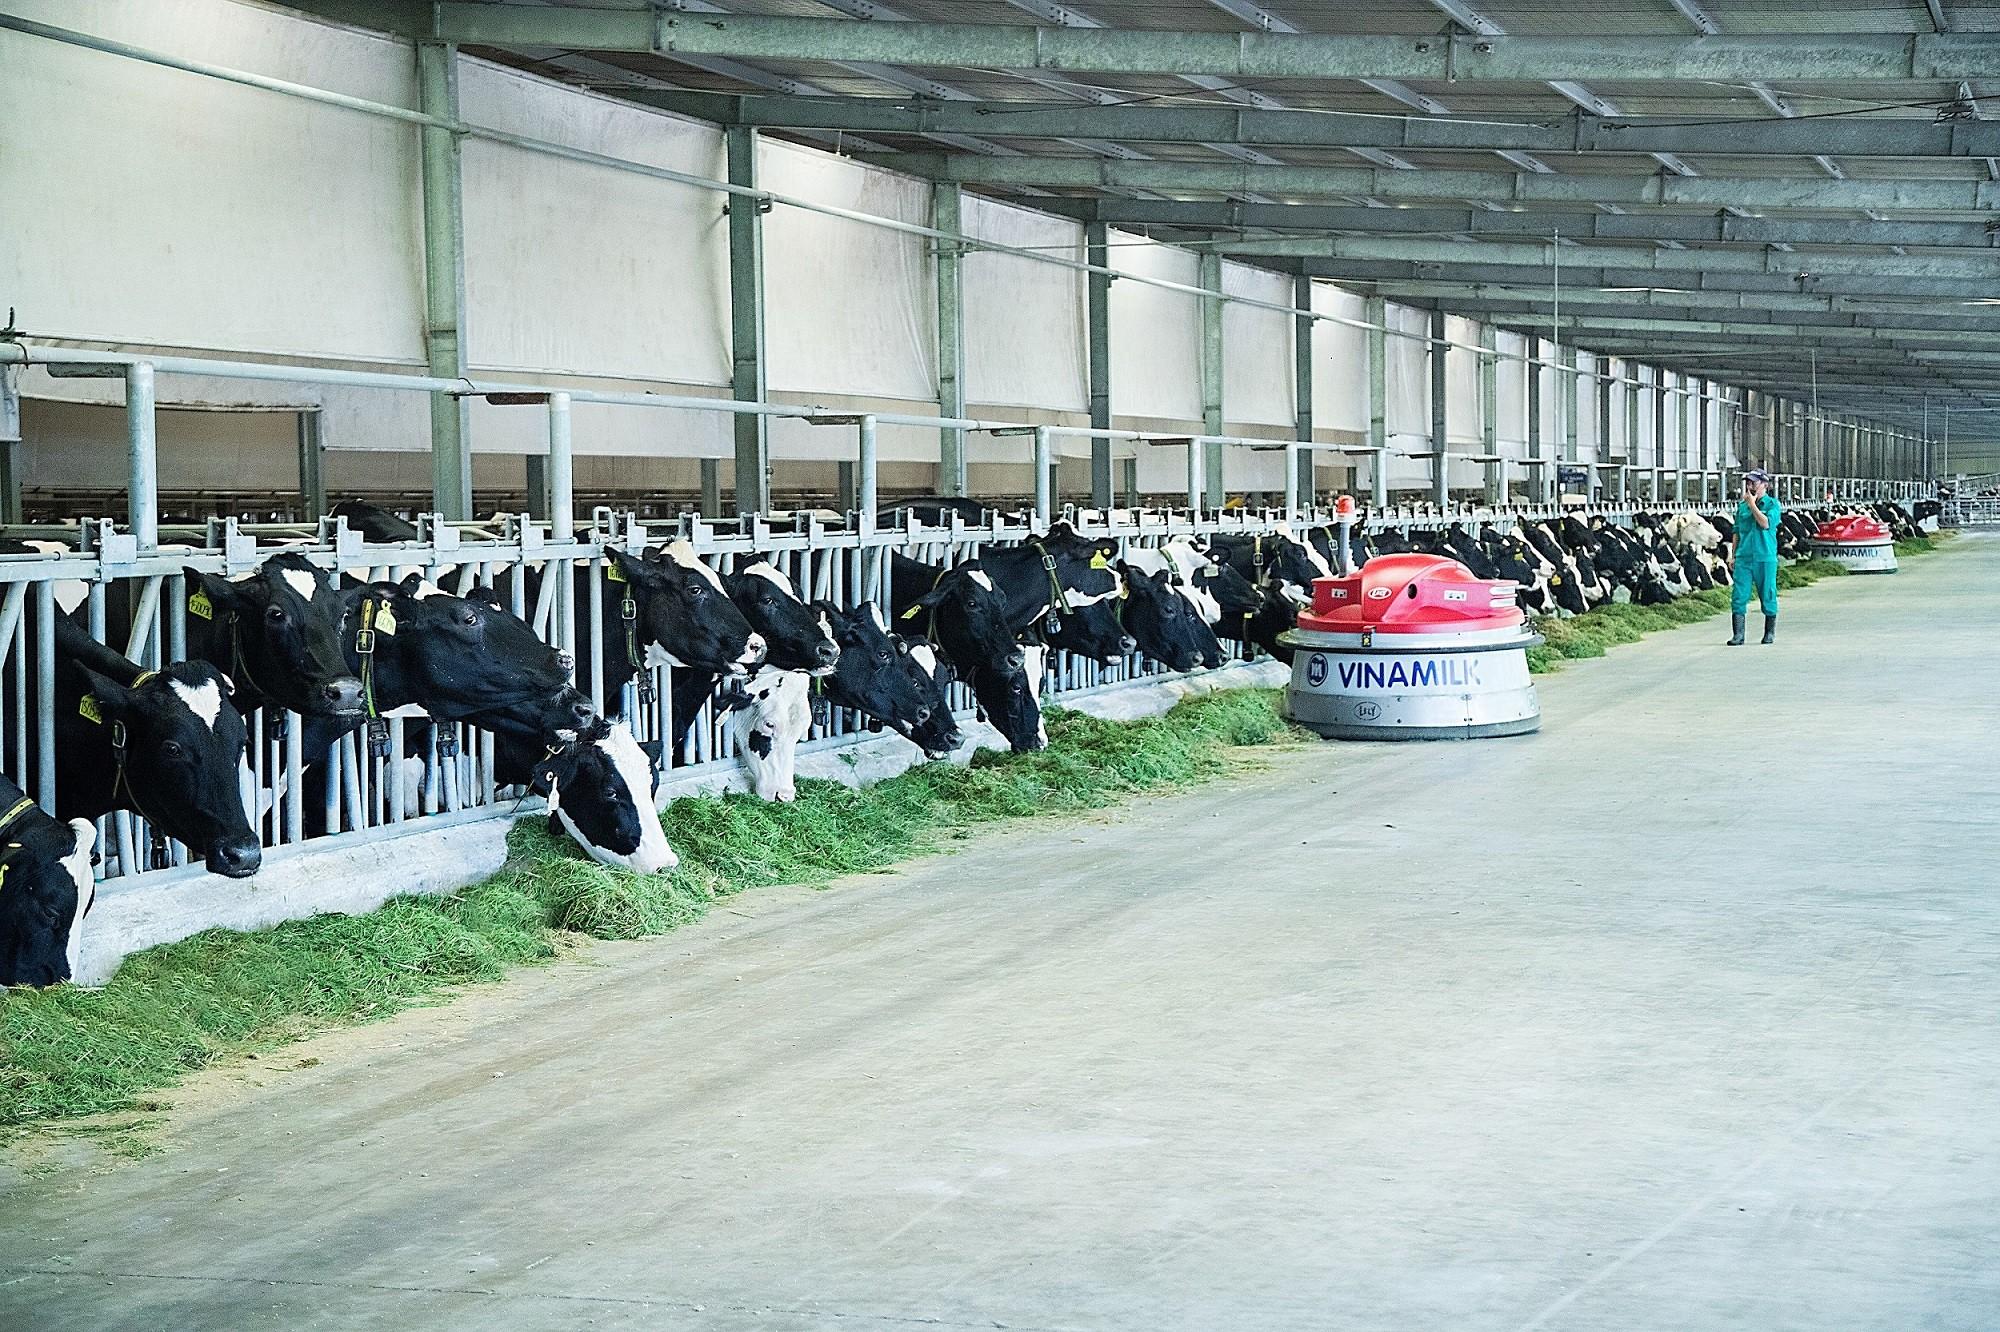 Khám phá các tiện nghi chuẩn 4.0 dành cho bò sữa của Vinamilk - Ảnh 4.